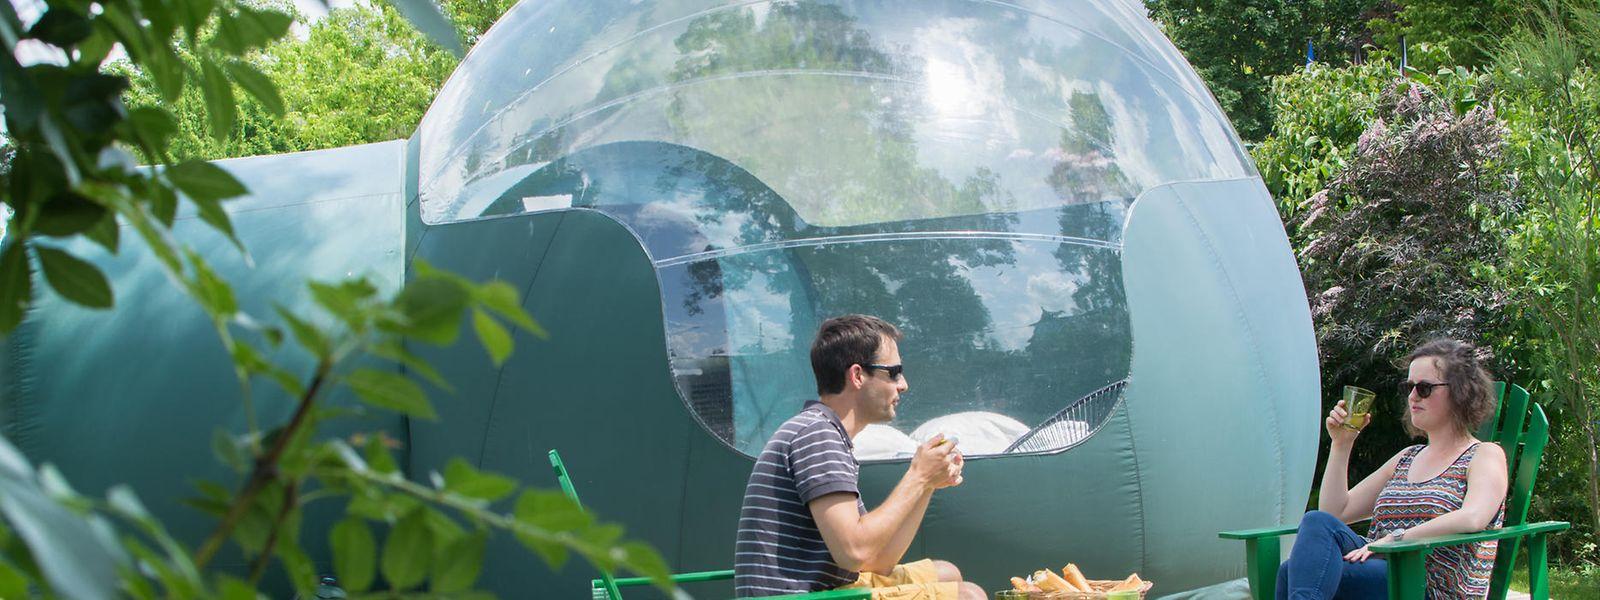 Bubble-Zelte bieten freien Blick in den Sternenhimmel sowie Schutz vor Wind und Wetter.